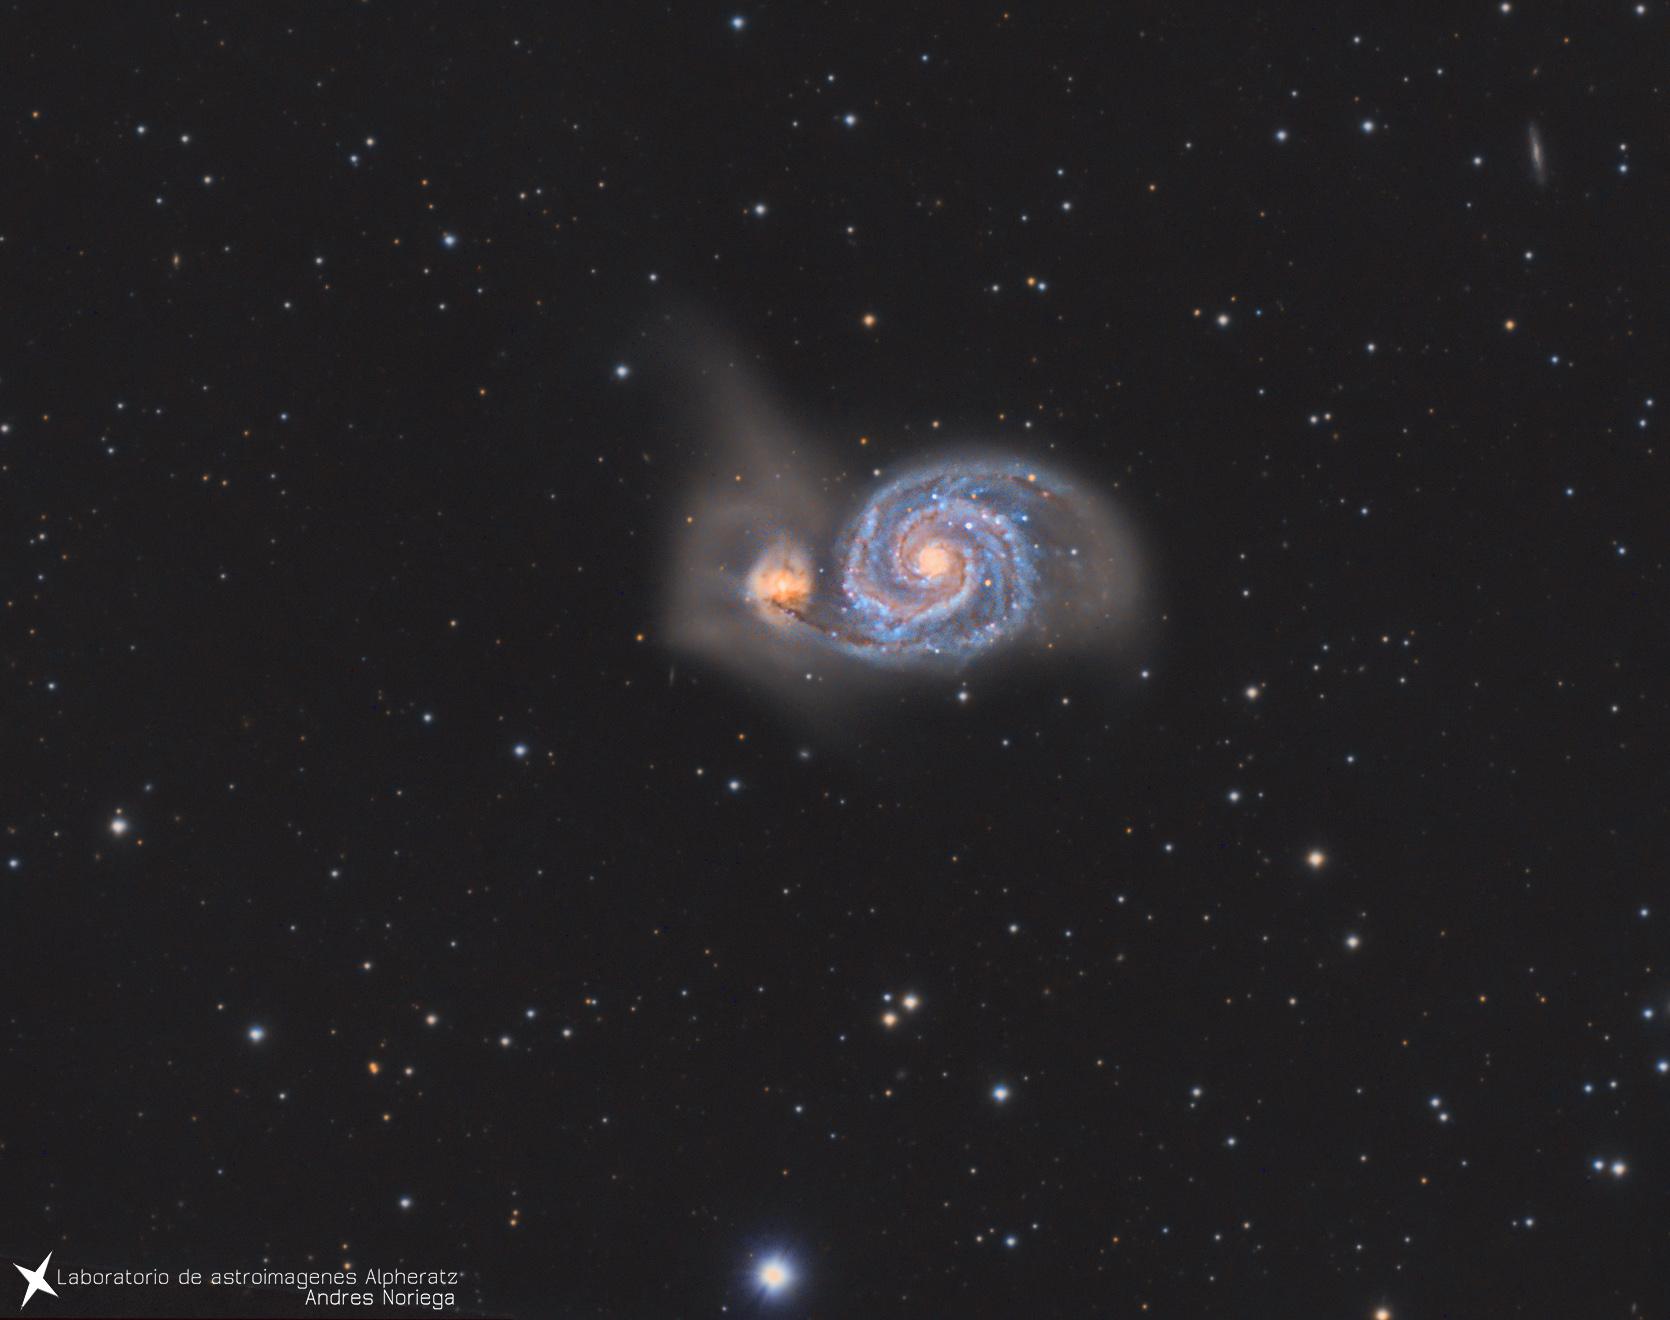 Galaxia del remolino. AndresNoriega.